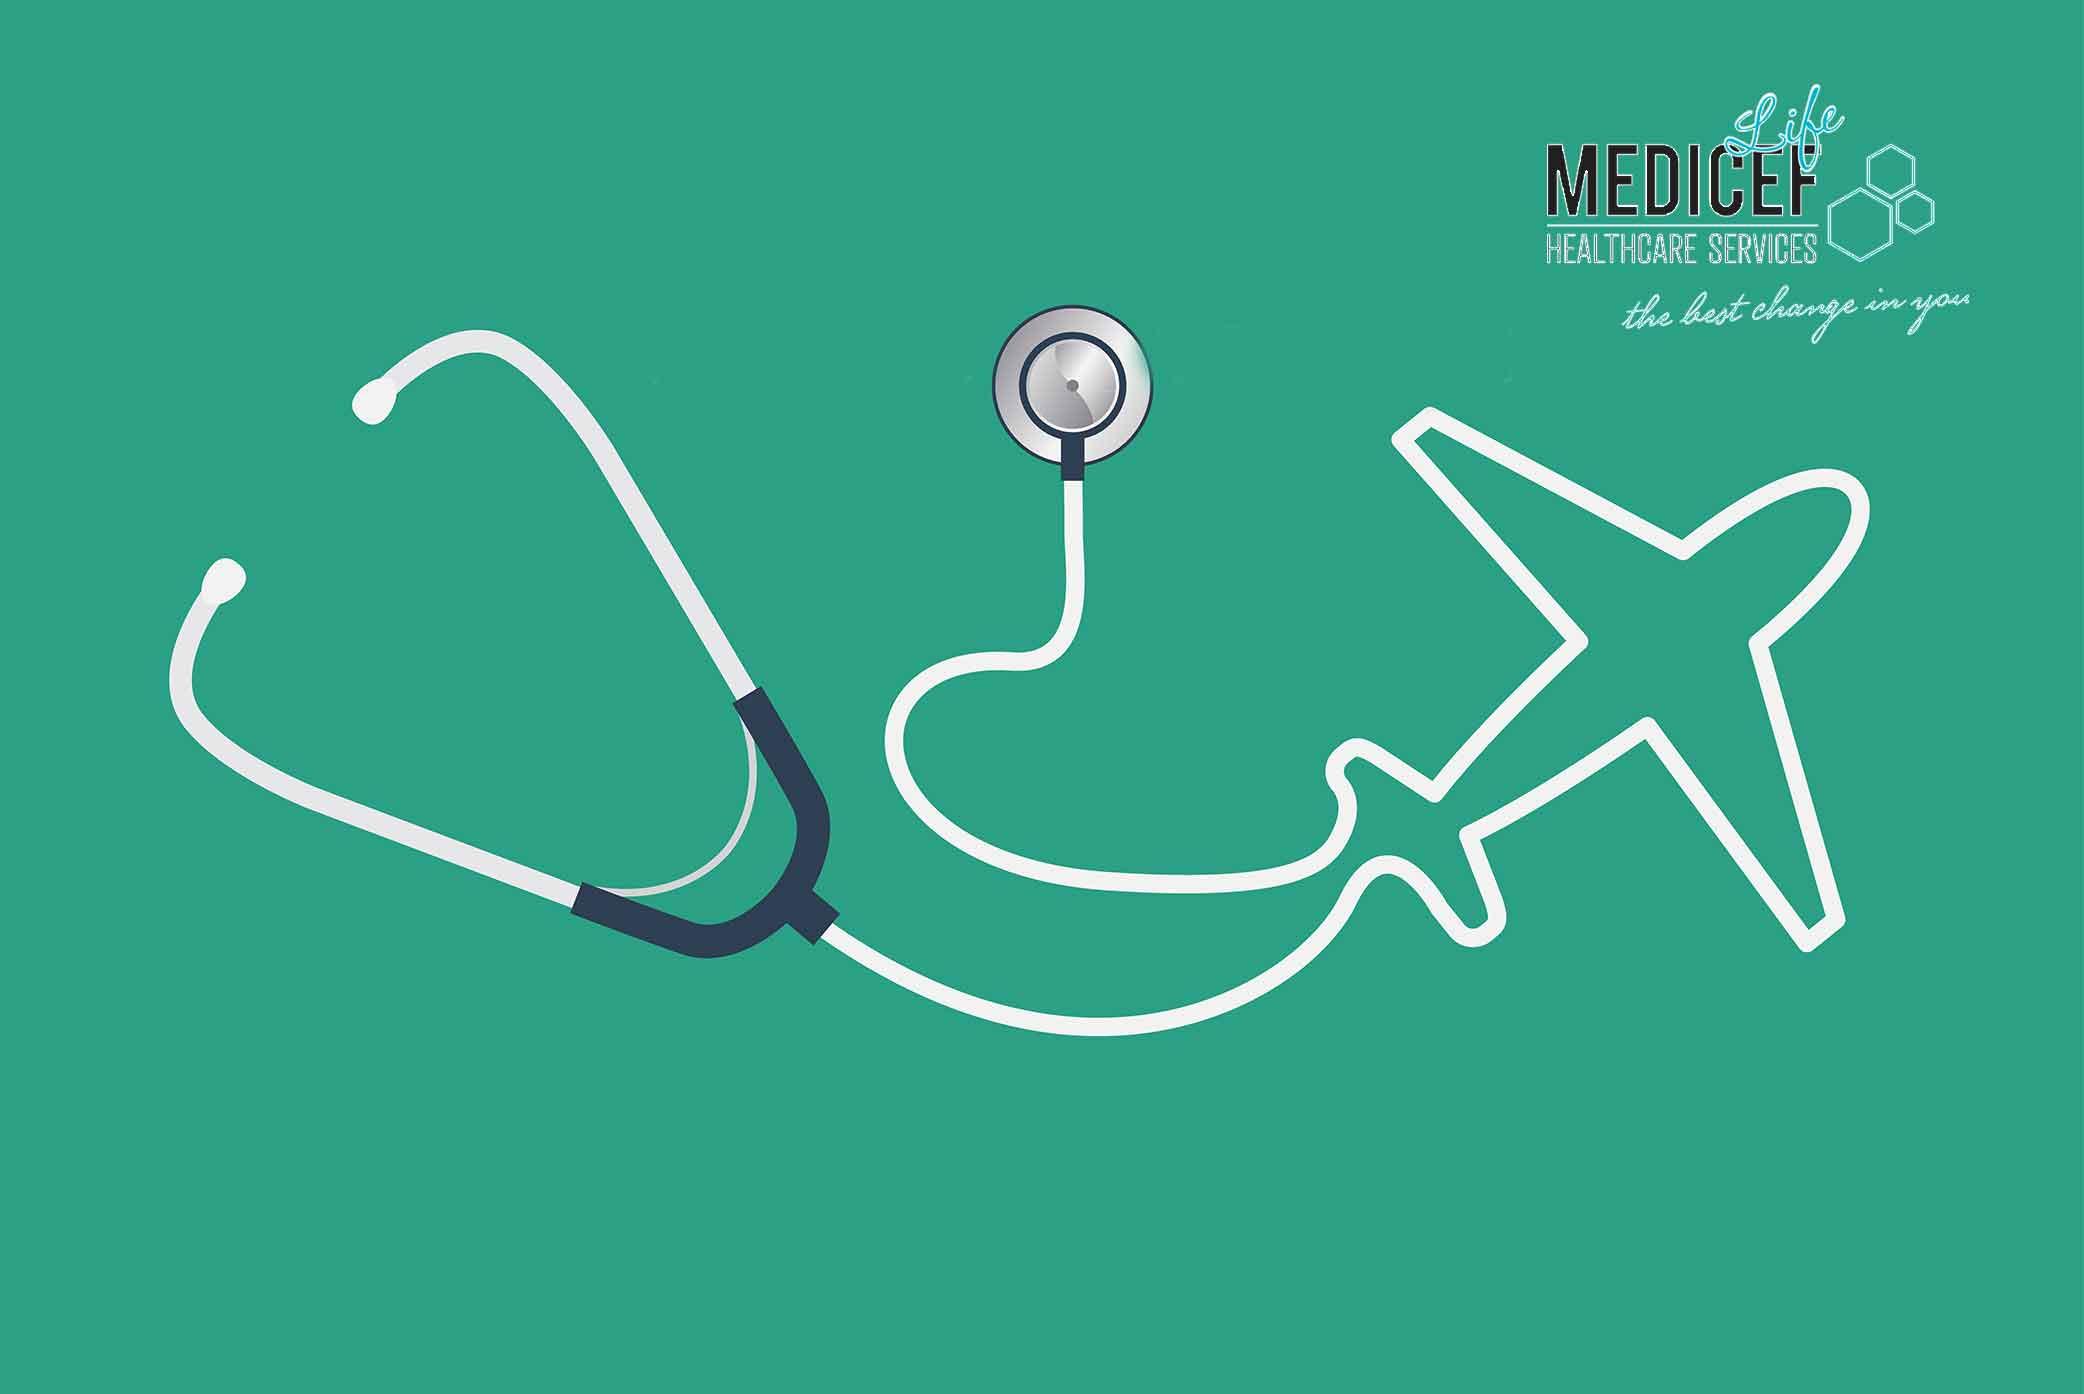 Medicef Life